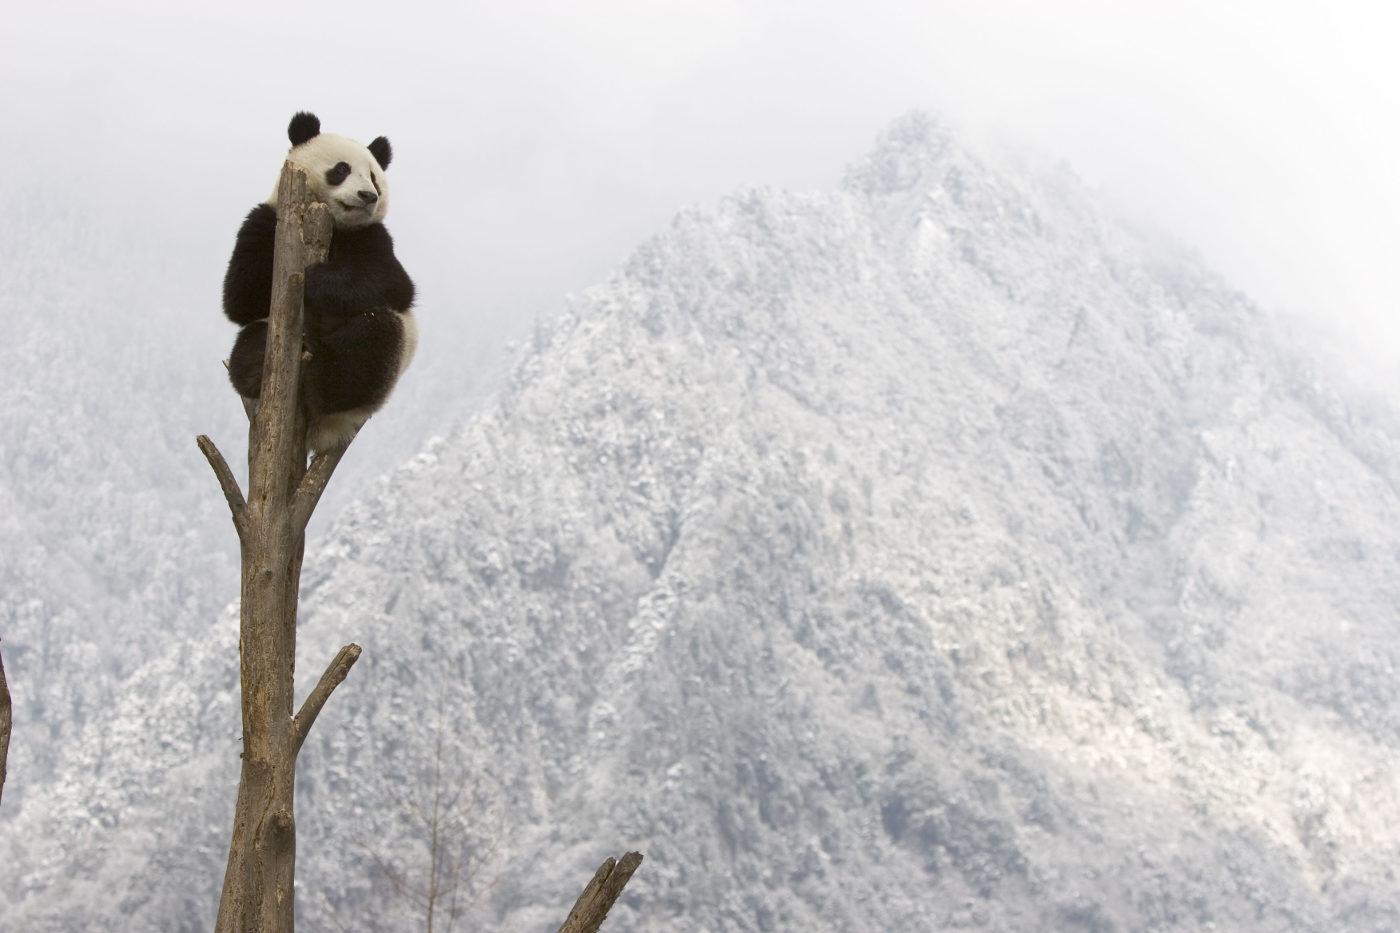 Ein Panda sitzt in Sichuan, China auf einem Baum vor schneebedeckten Bergen